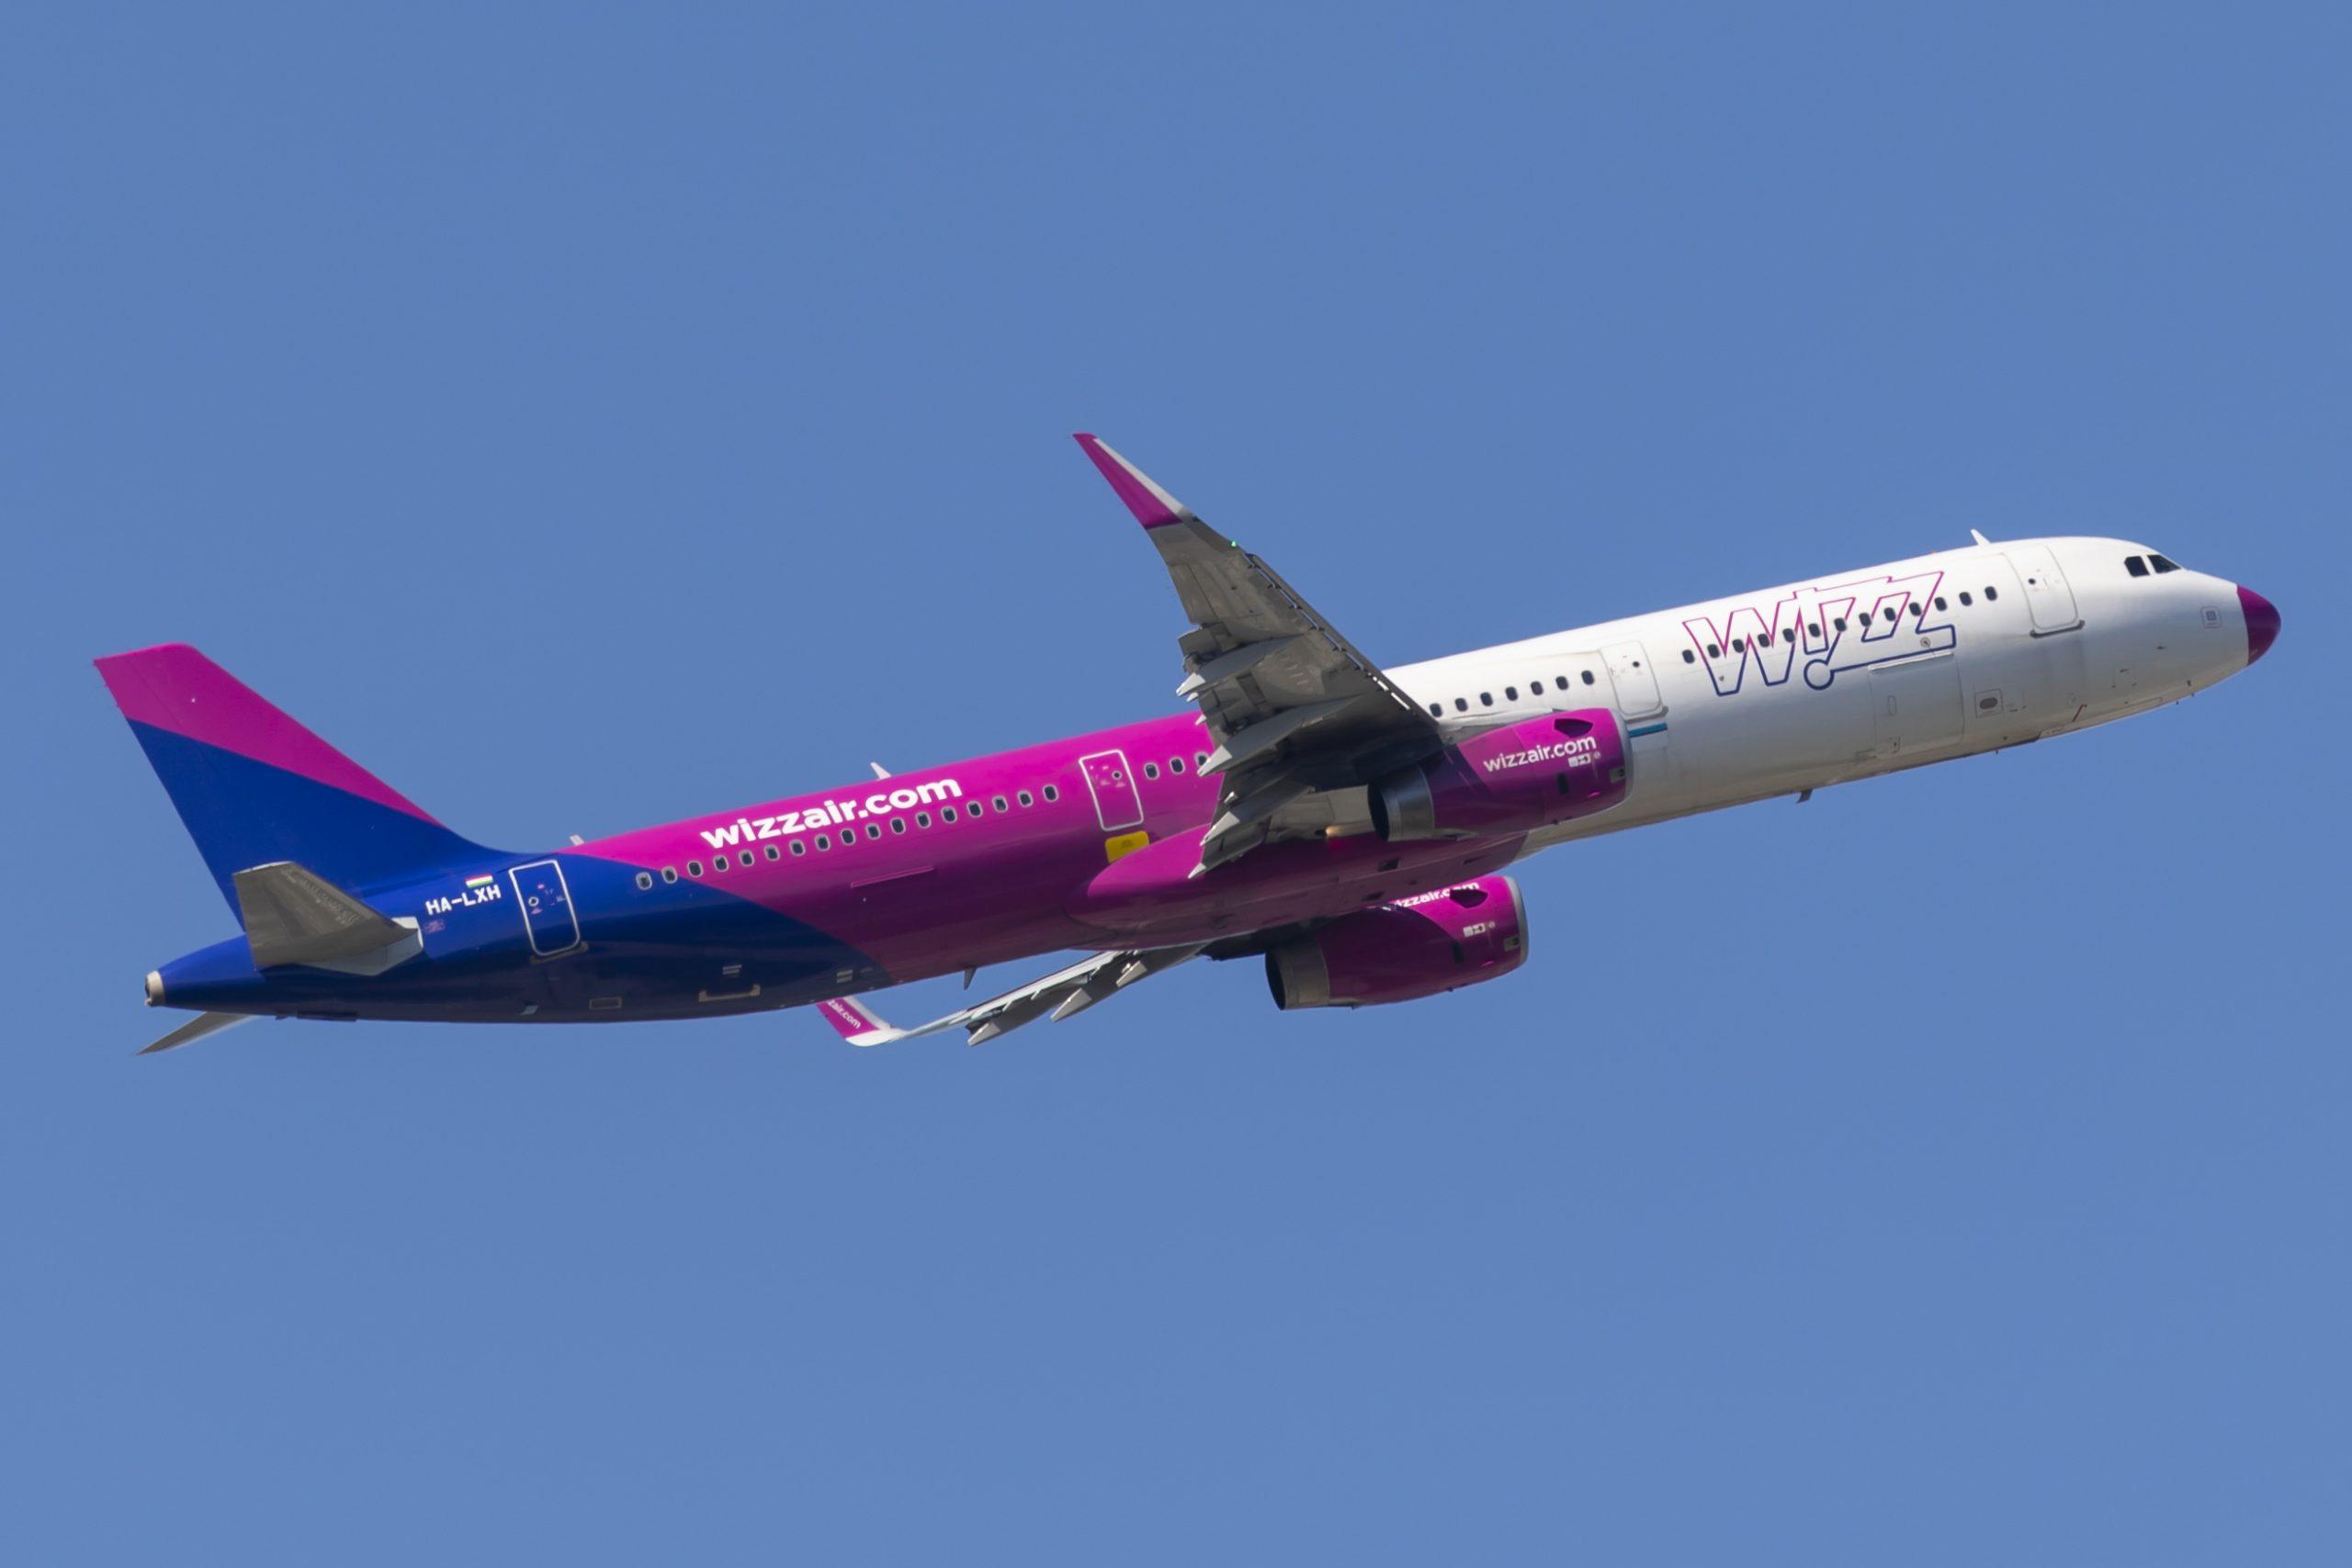 Airbus A321-200 fra Wizz Air. (Foto: © Thorbjørn Brunander Sund | Danish Aviation Photo)